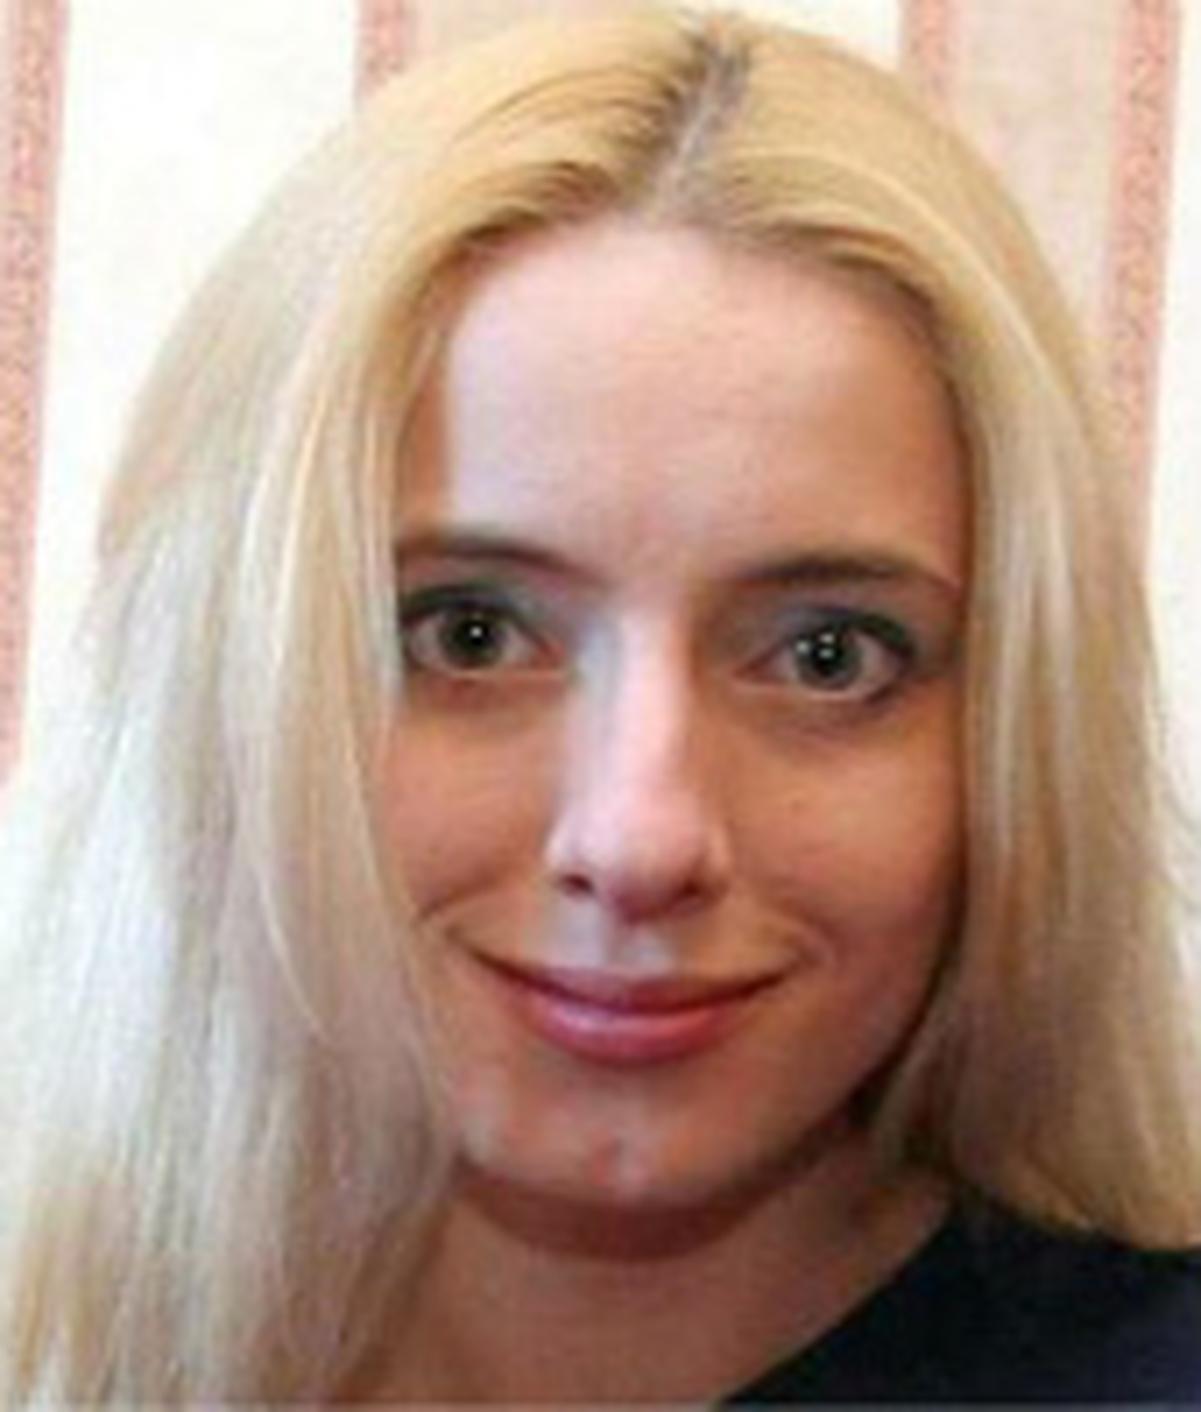 Marianna Rokita